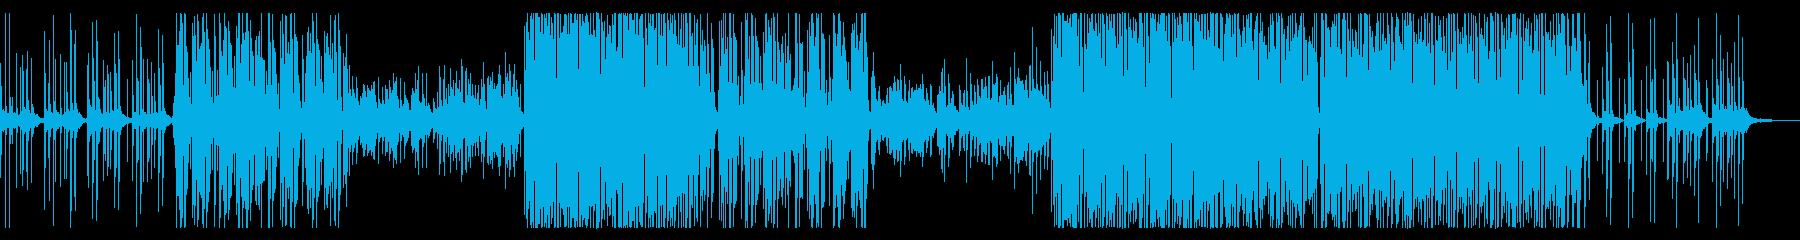 さわやか!男性ボーカルのトロピカルハウスの再生済みの波形